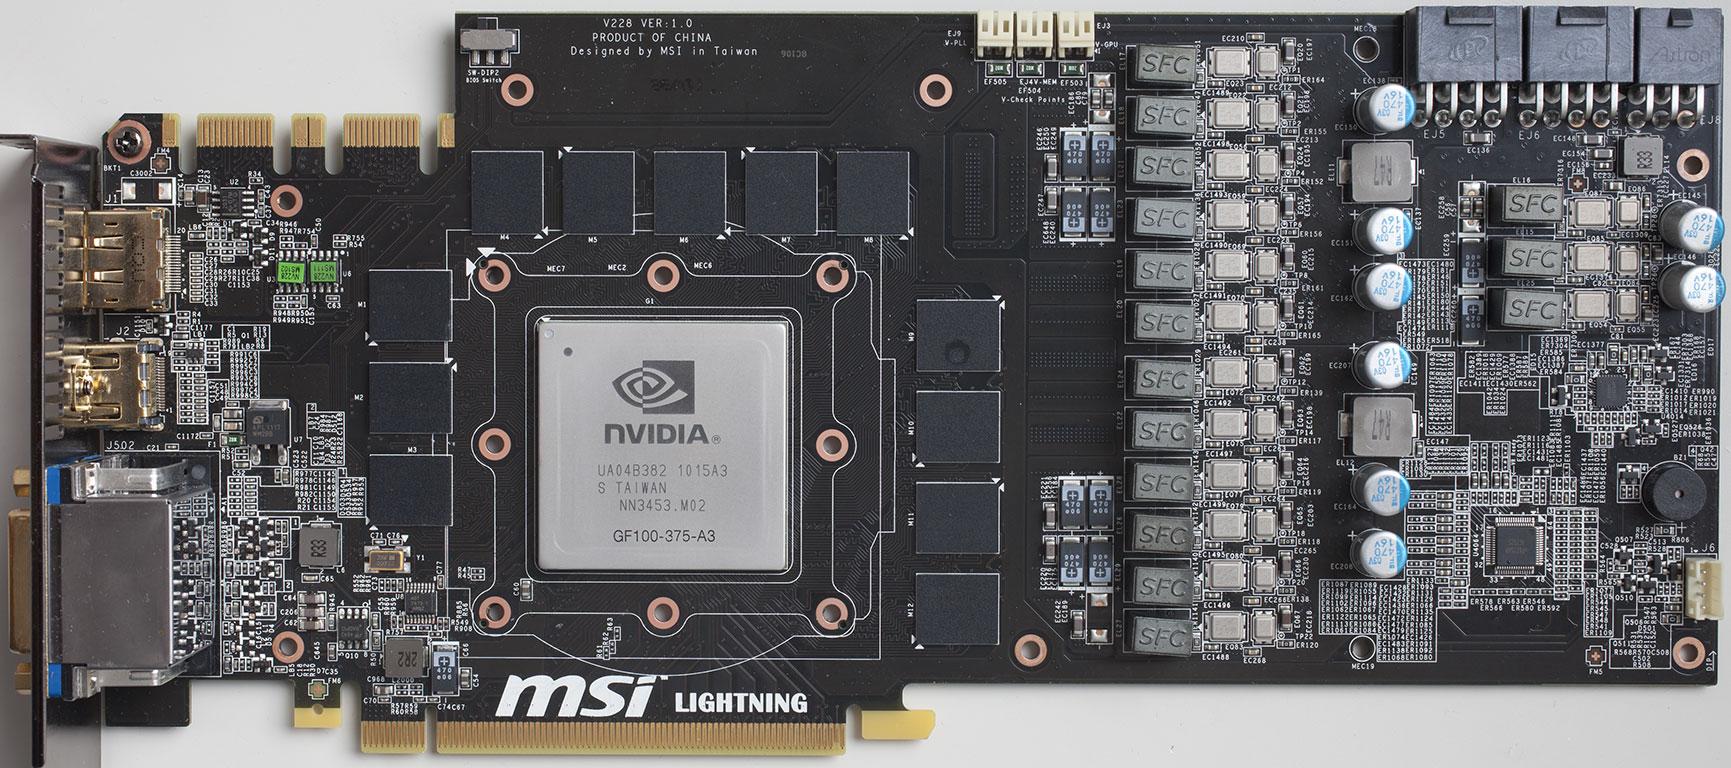 http://www.techpowerup.com/reviews/MSI/N480GTX_GTX_480_Lightning/images/front.jpg